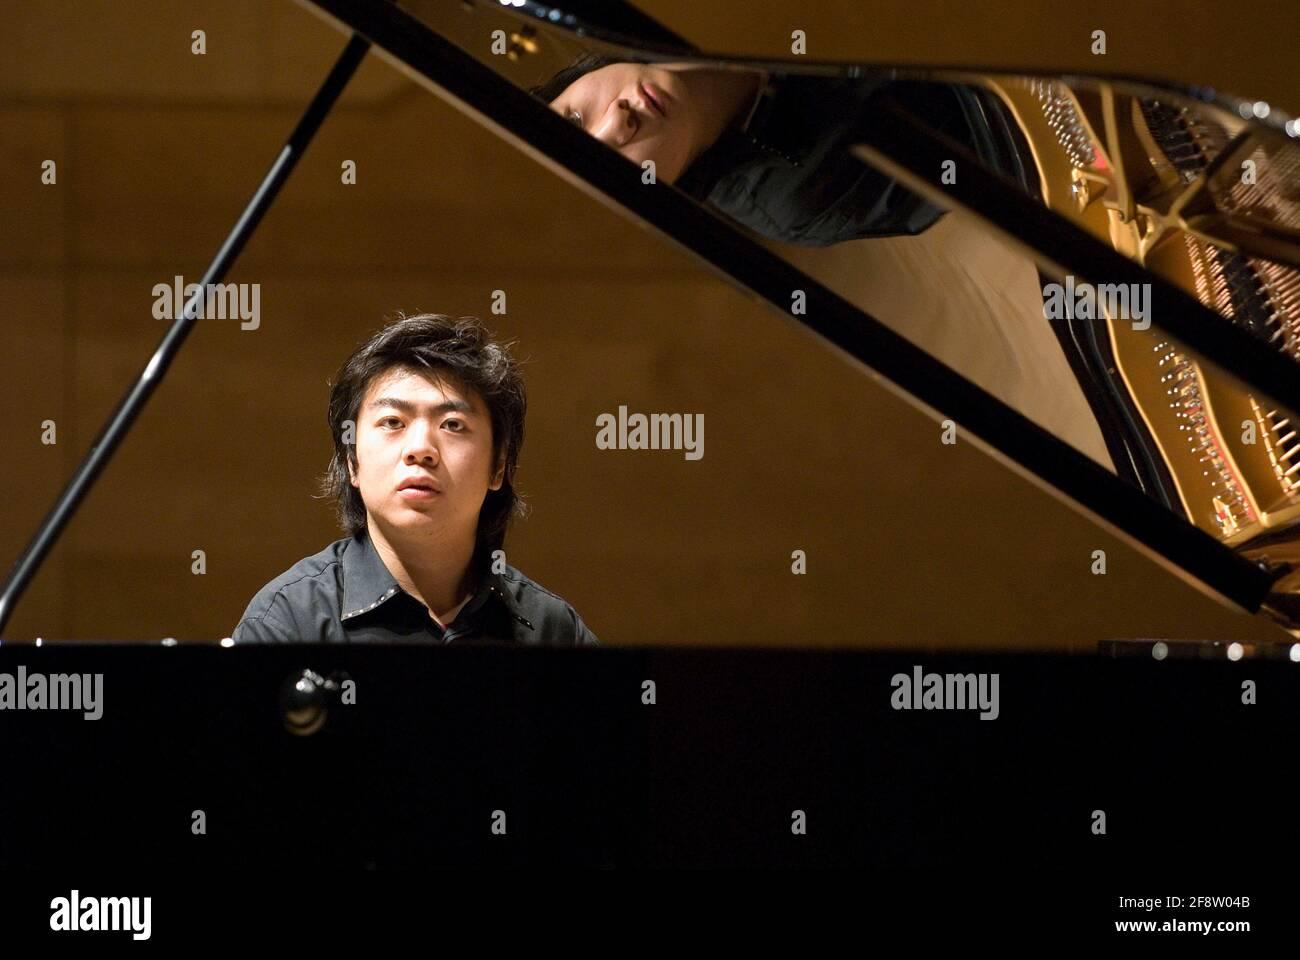 DEU, Deutschland, Ruhrgebiet, Essen, 10.02.2006: Der Pianist lang lang bei der Probe vor seinem Konzert in der Philharmonie Essen. [(c) Michael Kneffe Stockfoto